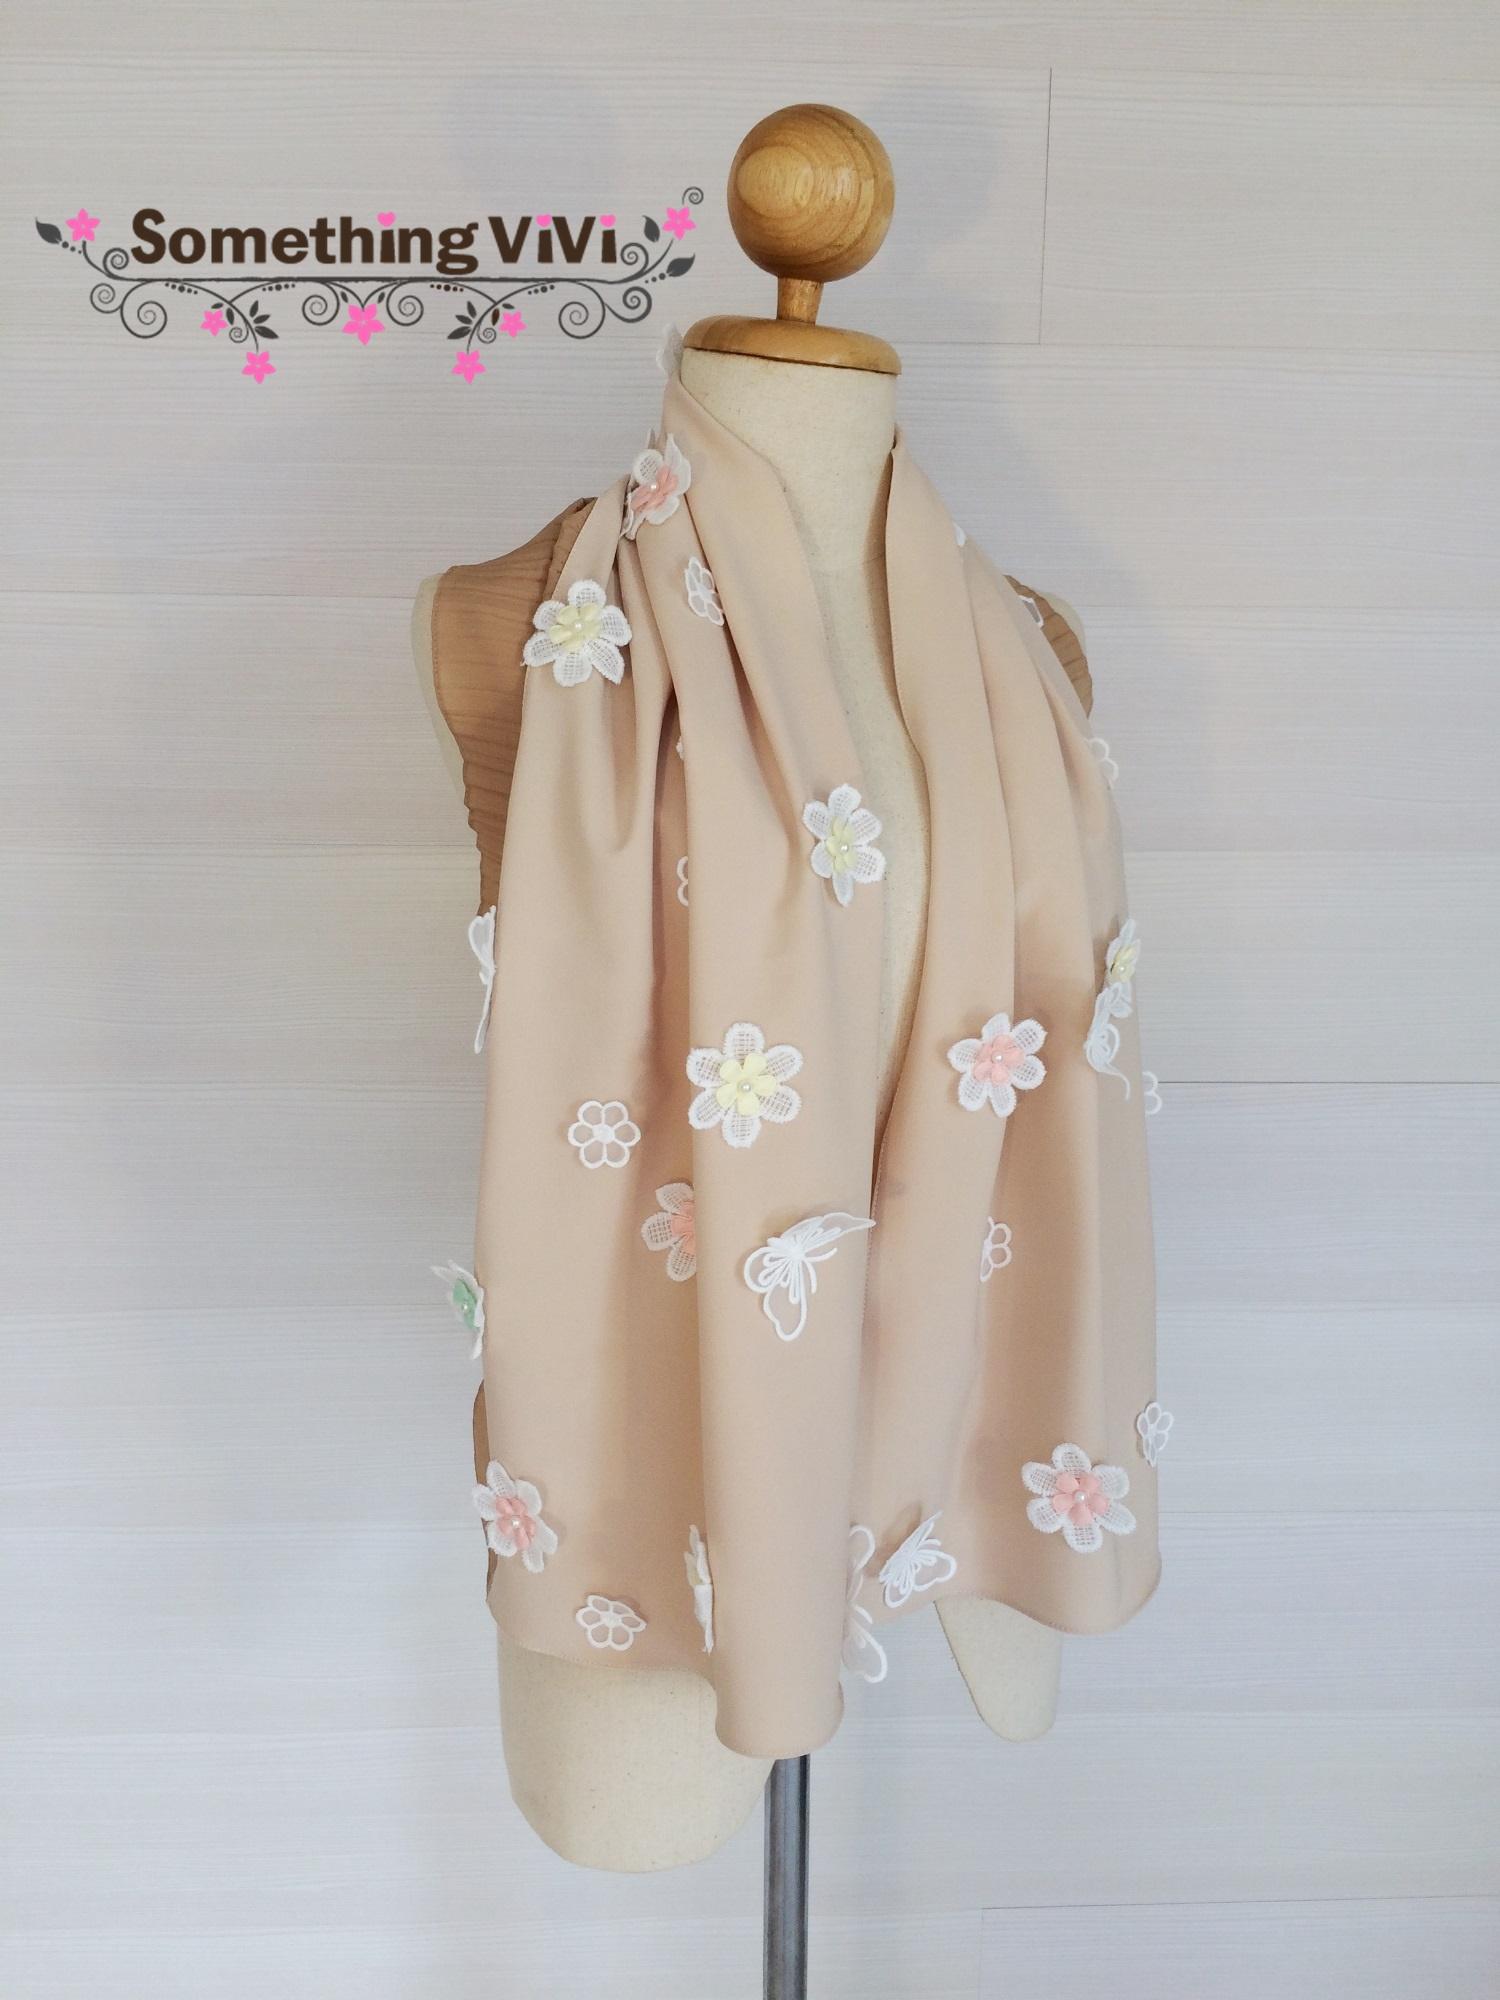 ผ้าพันคอ/ผ้าคลุมไหล่ รุ่น Beaucoup de Fleurs สี Terra Cotta เป็นผ้ามอสเครปสวยหรูประดับด้วยดอกไม้ฟรุ้งฟริ้งประปรายทั่วผ้า สวย น่ารักมาก งานพรีเมี่ยมสุดๆ ค่ะ พร้อมกล่อง/ซองแพคเกจอย่างดี ของขวัญ/ของฝาก